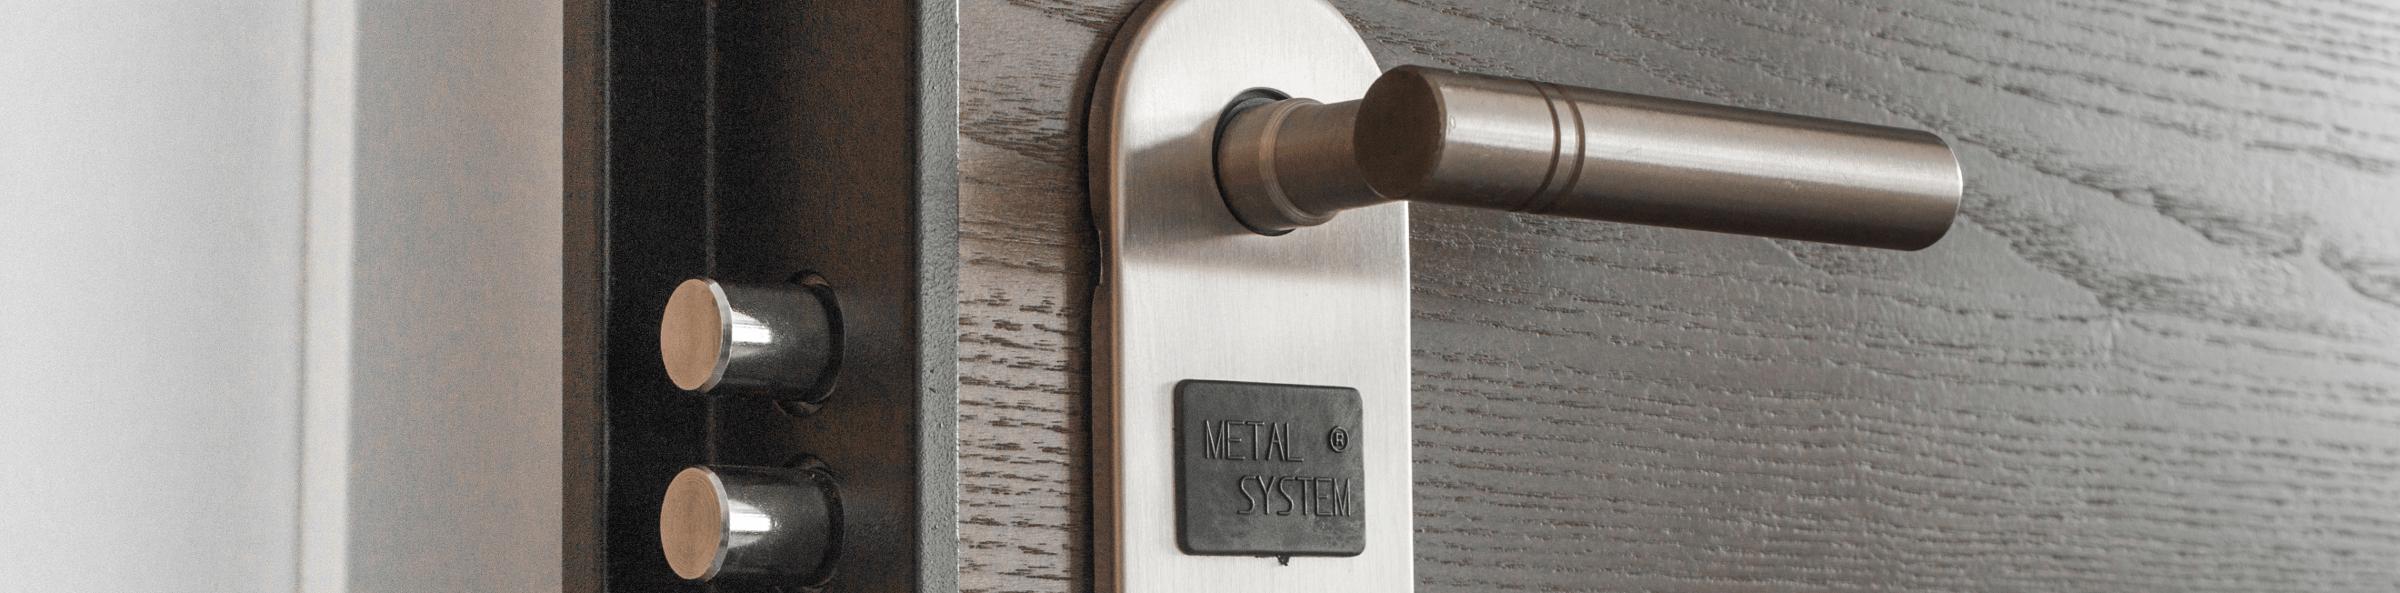 puerta cerrajeria 1 - Cerrajero Torrente 24 Horas Cerrajeros Urgente Torrente